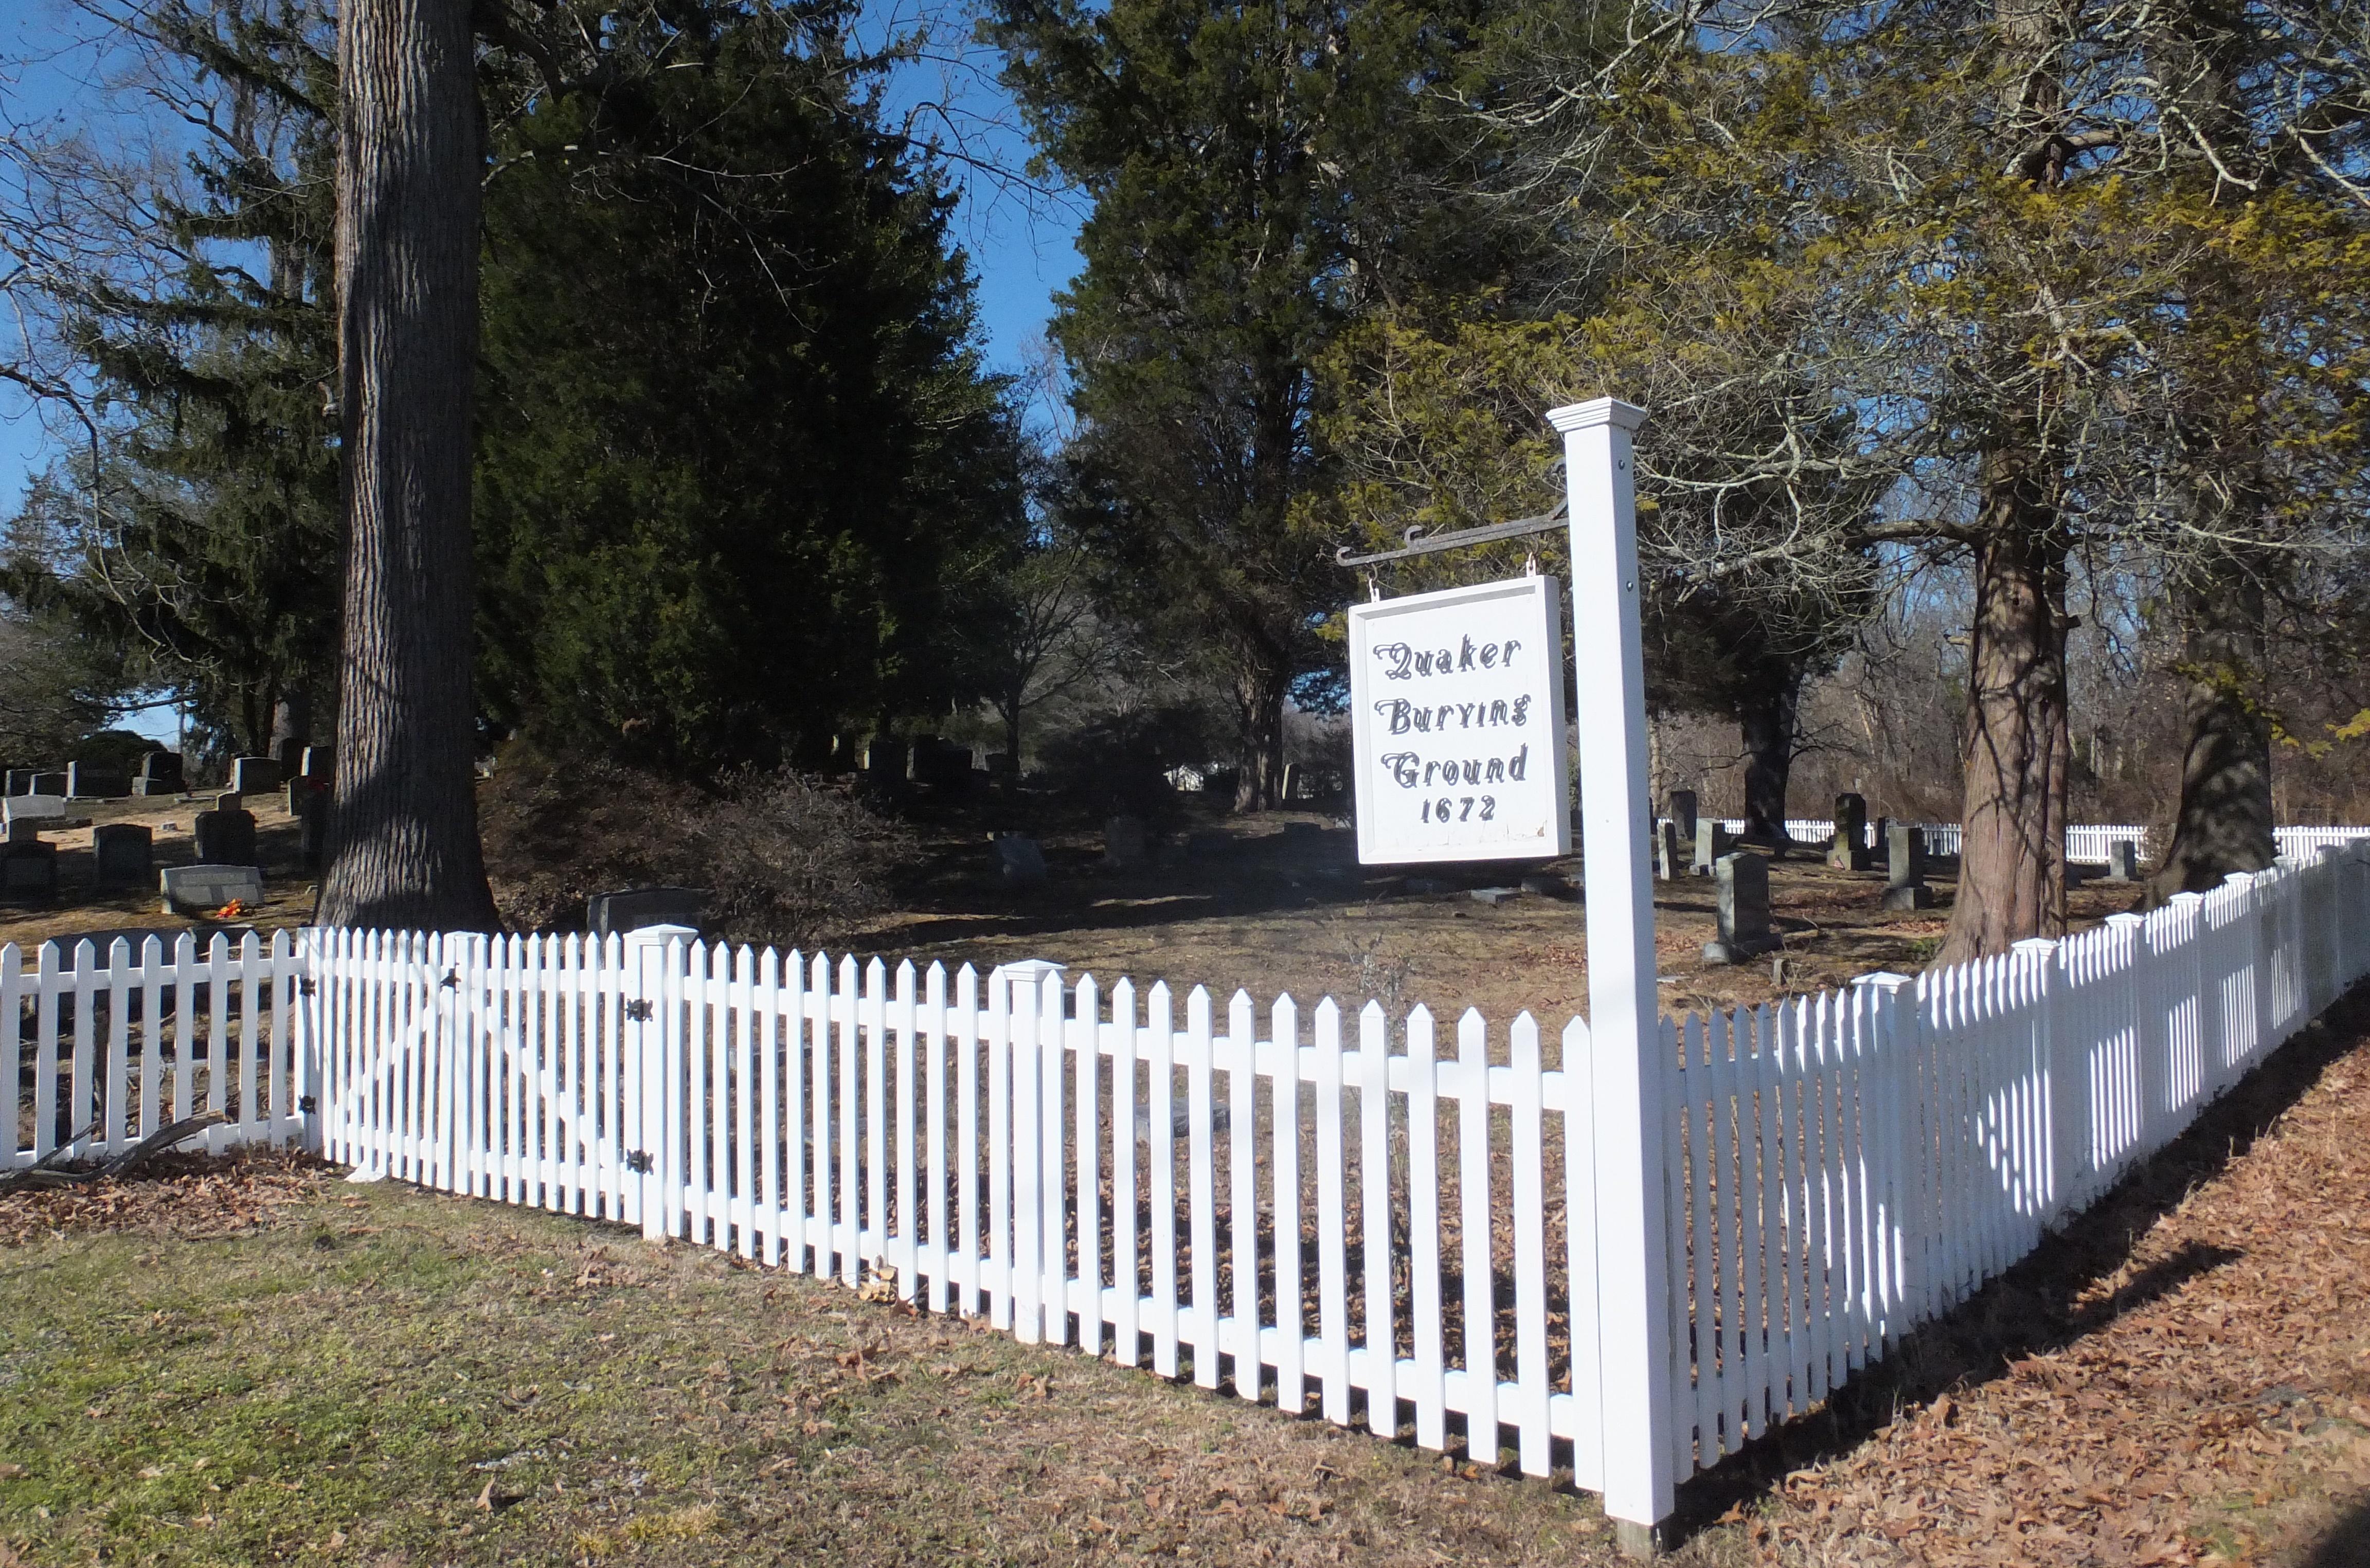 Quaker Burying Ground